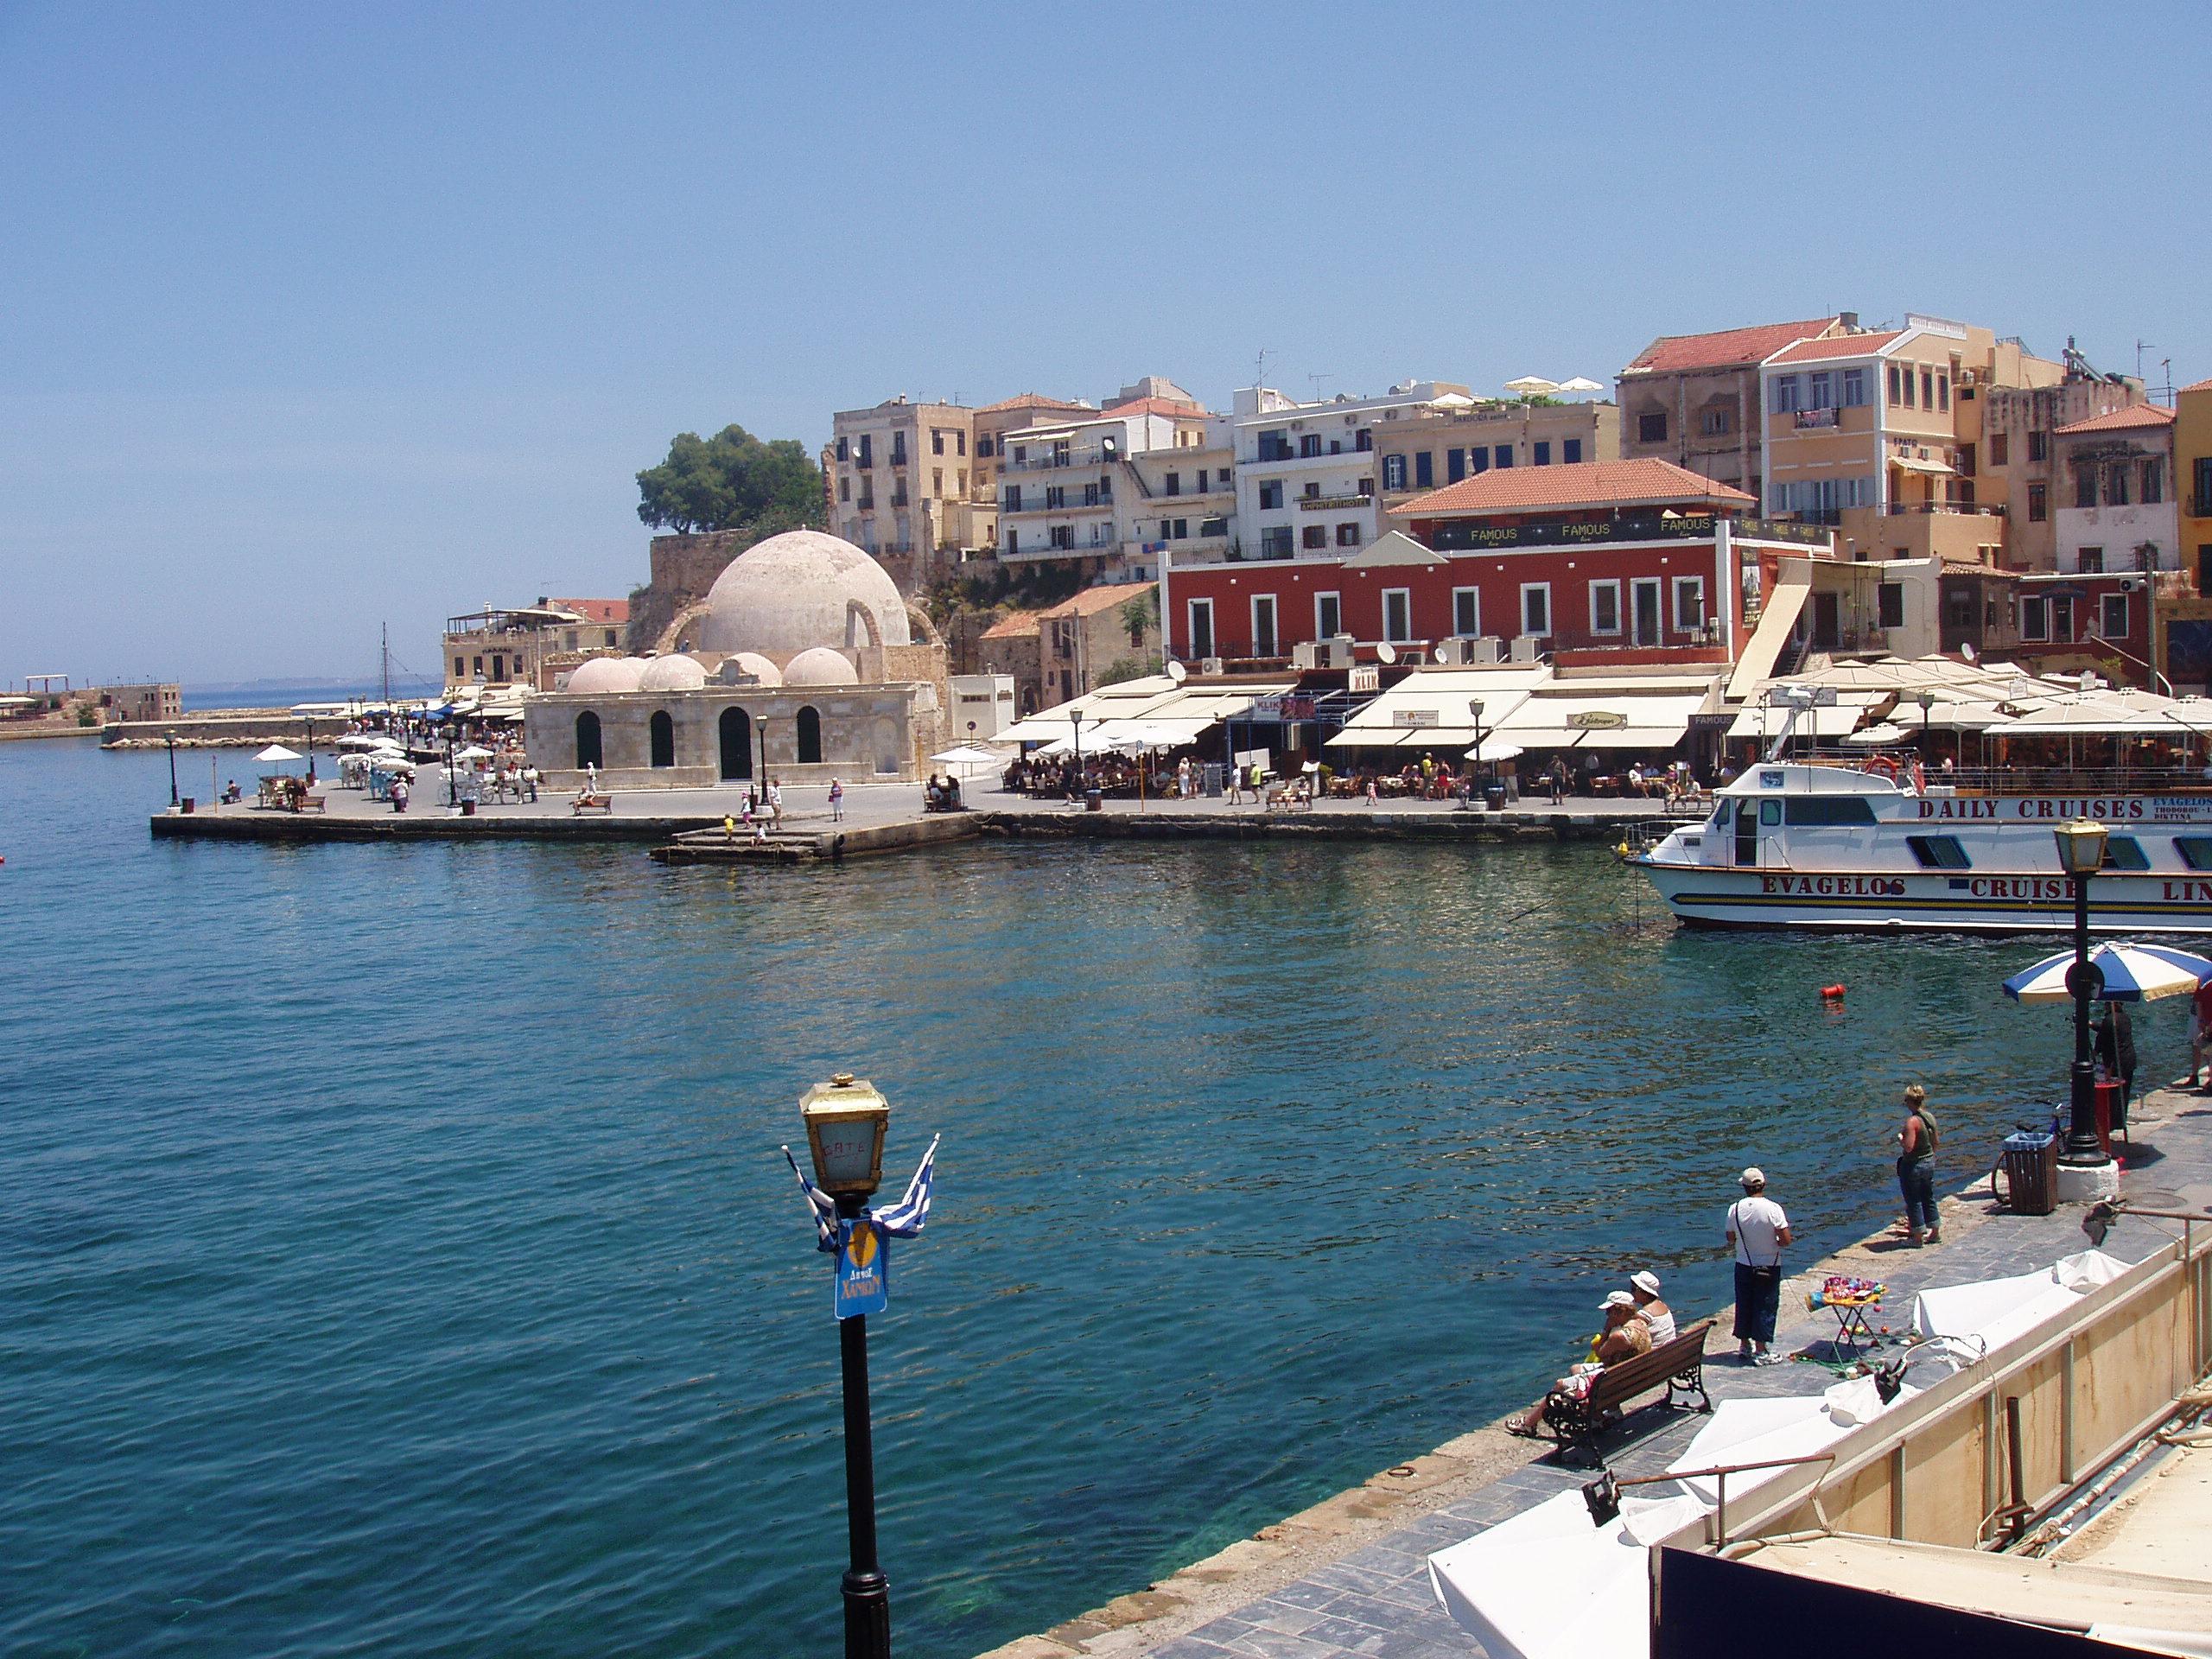 Ancien port de Chania La Canée construit entre 1320 et 1356 par les Vénitiens, avec phare restauré, boutiques et restaurants